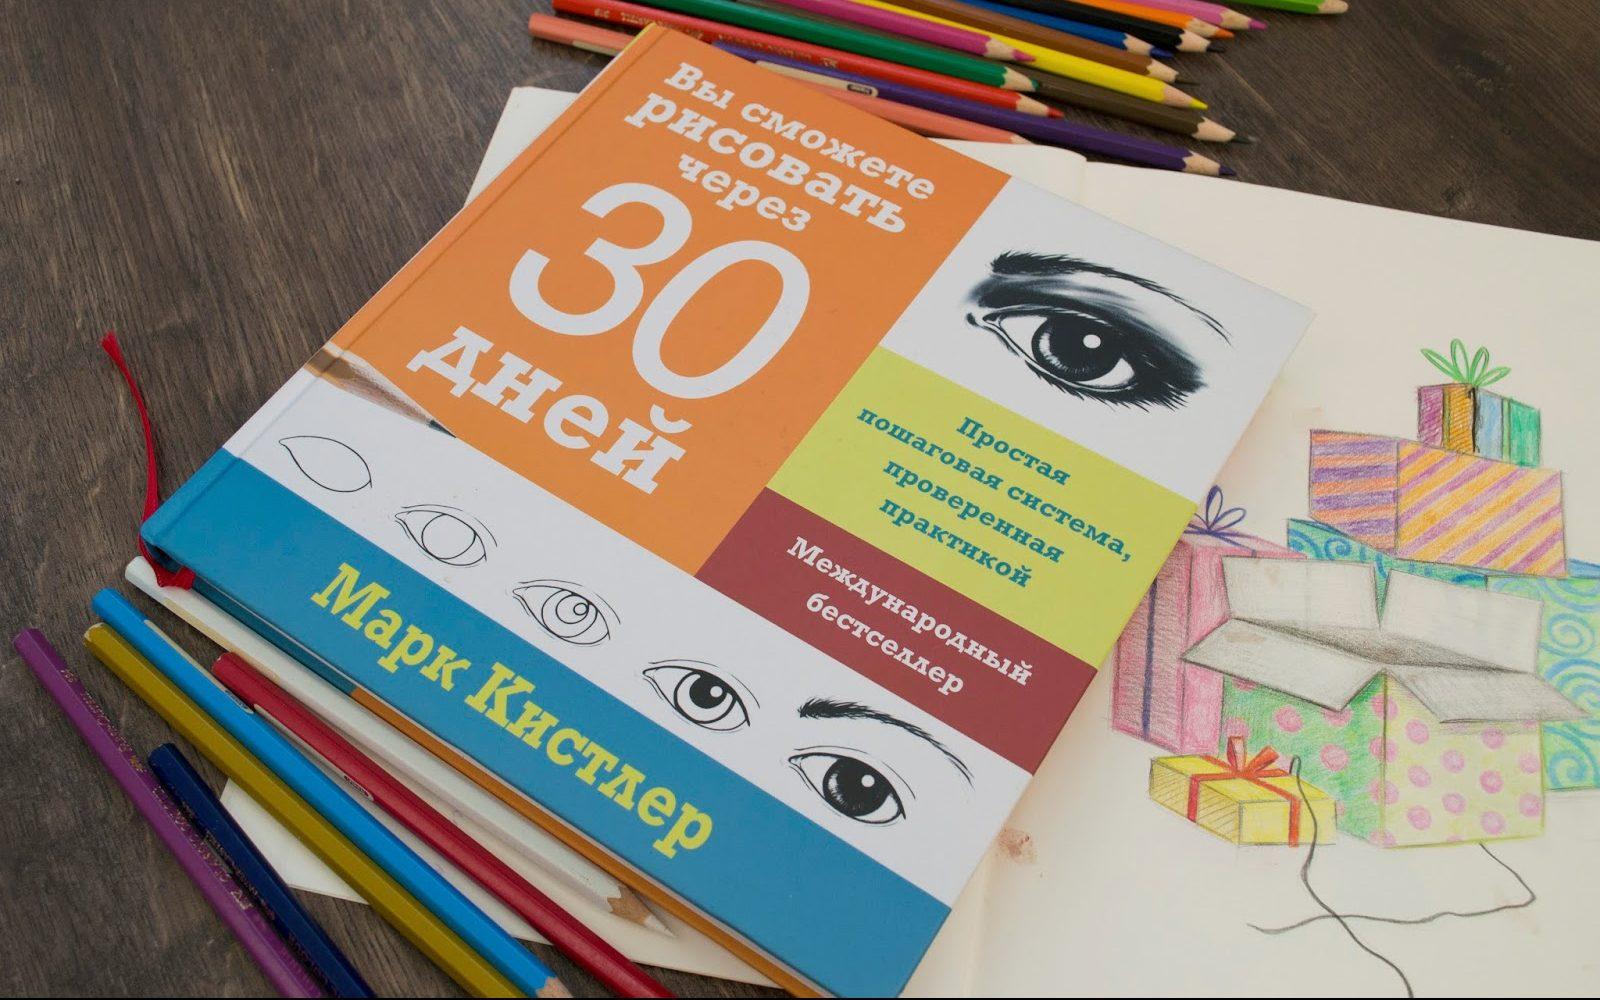 ТОП-10 книг по развития навыков, которые будут полезны начинающим бизнесменам